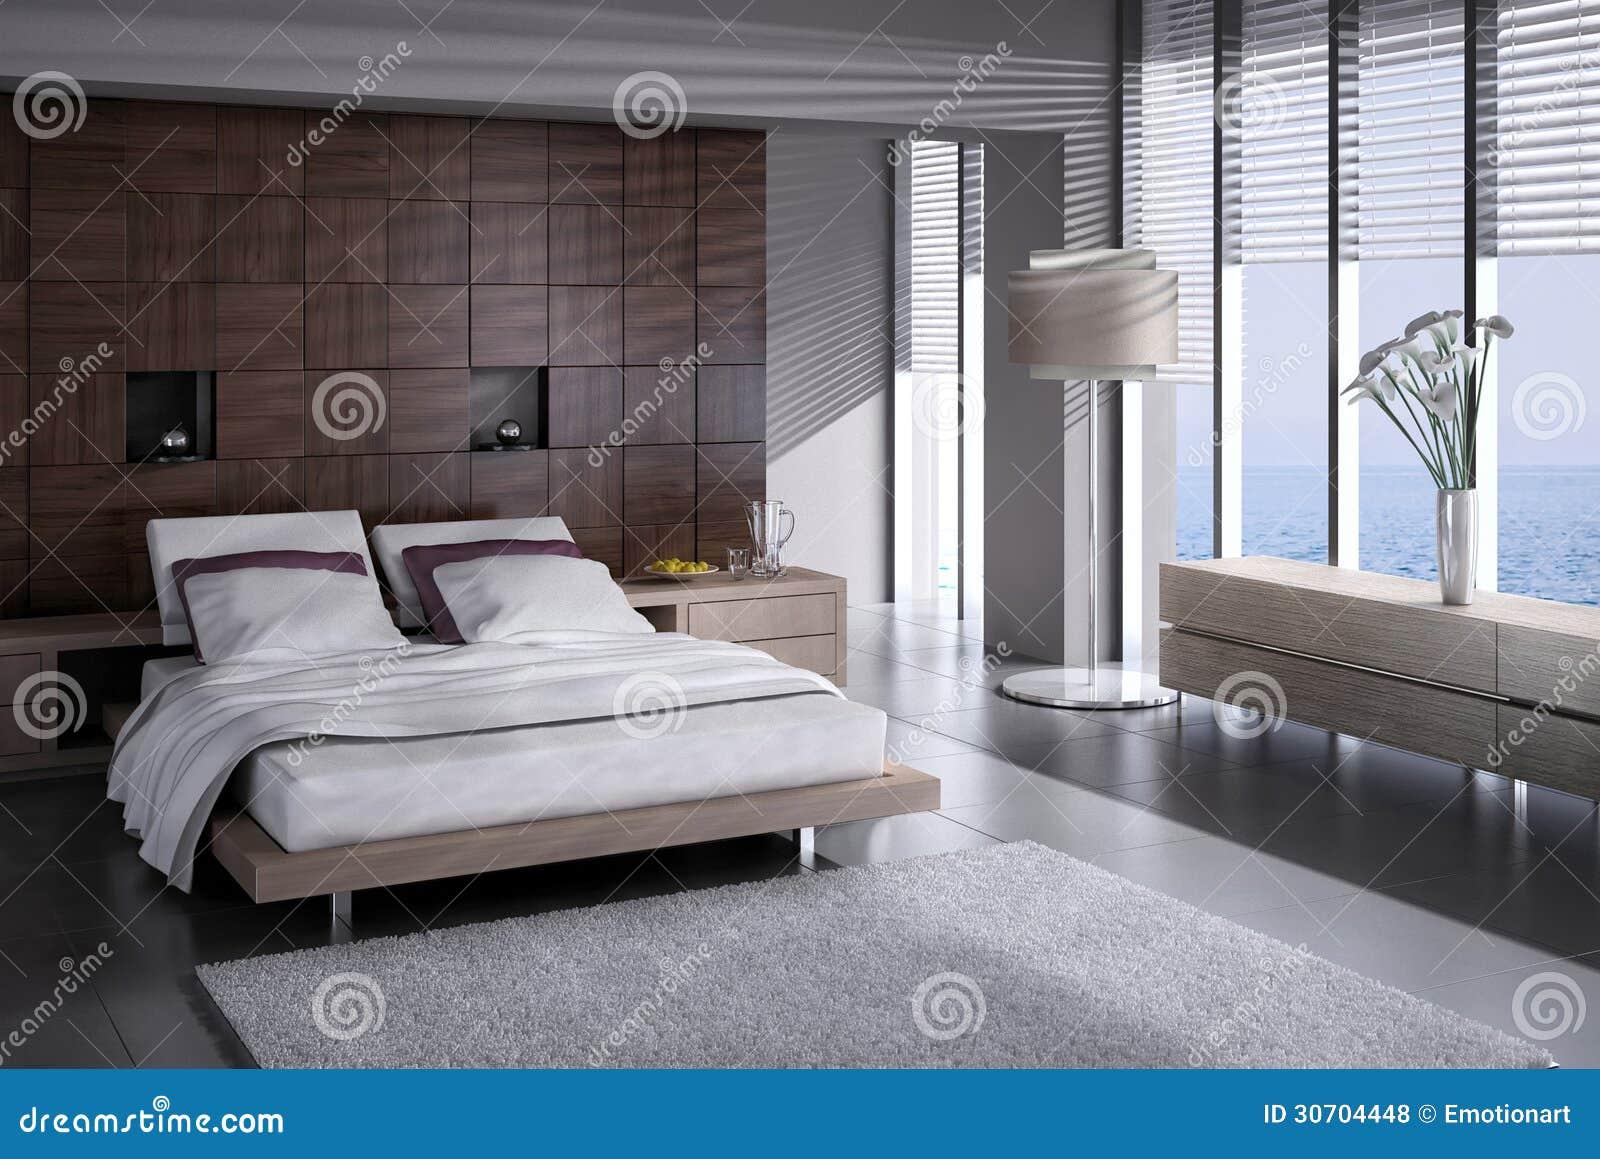 Chambre coucher exclusive de conception architecture for Interieur de chambre a coucher